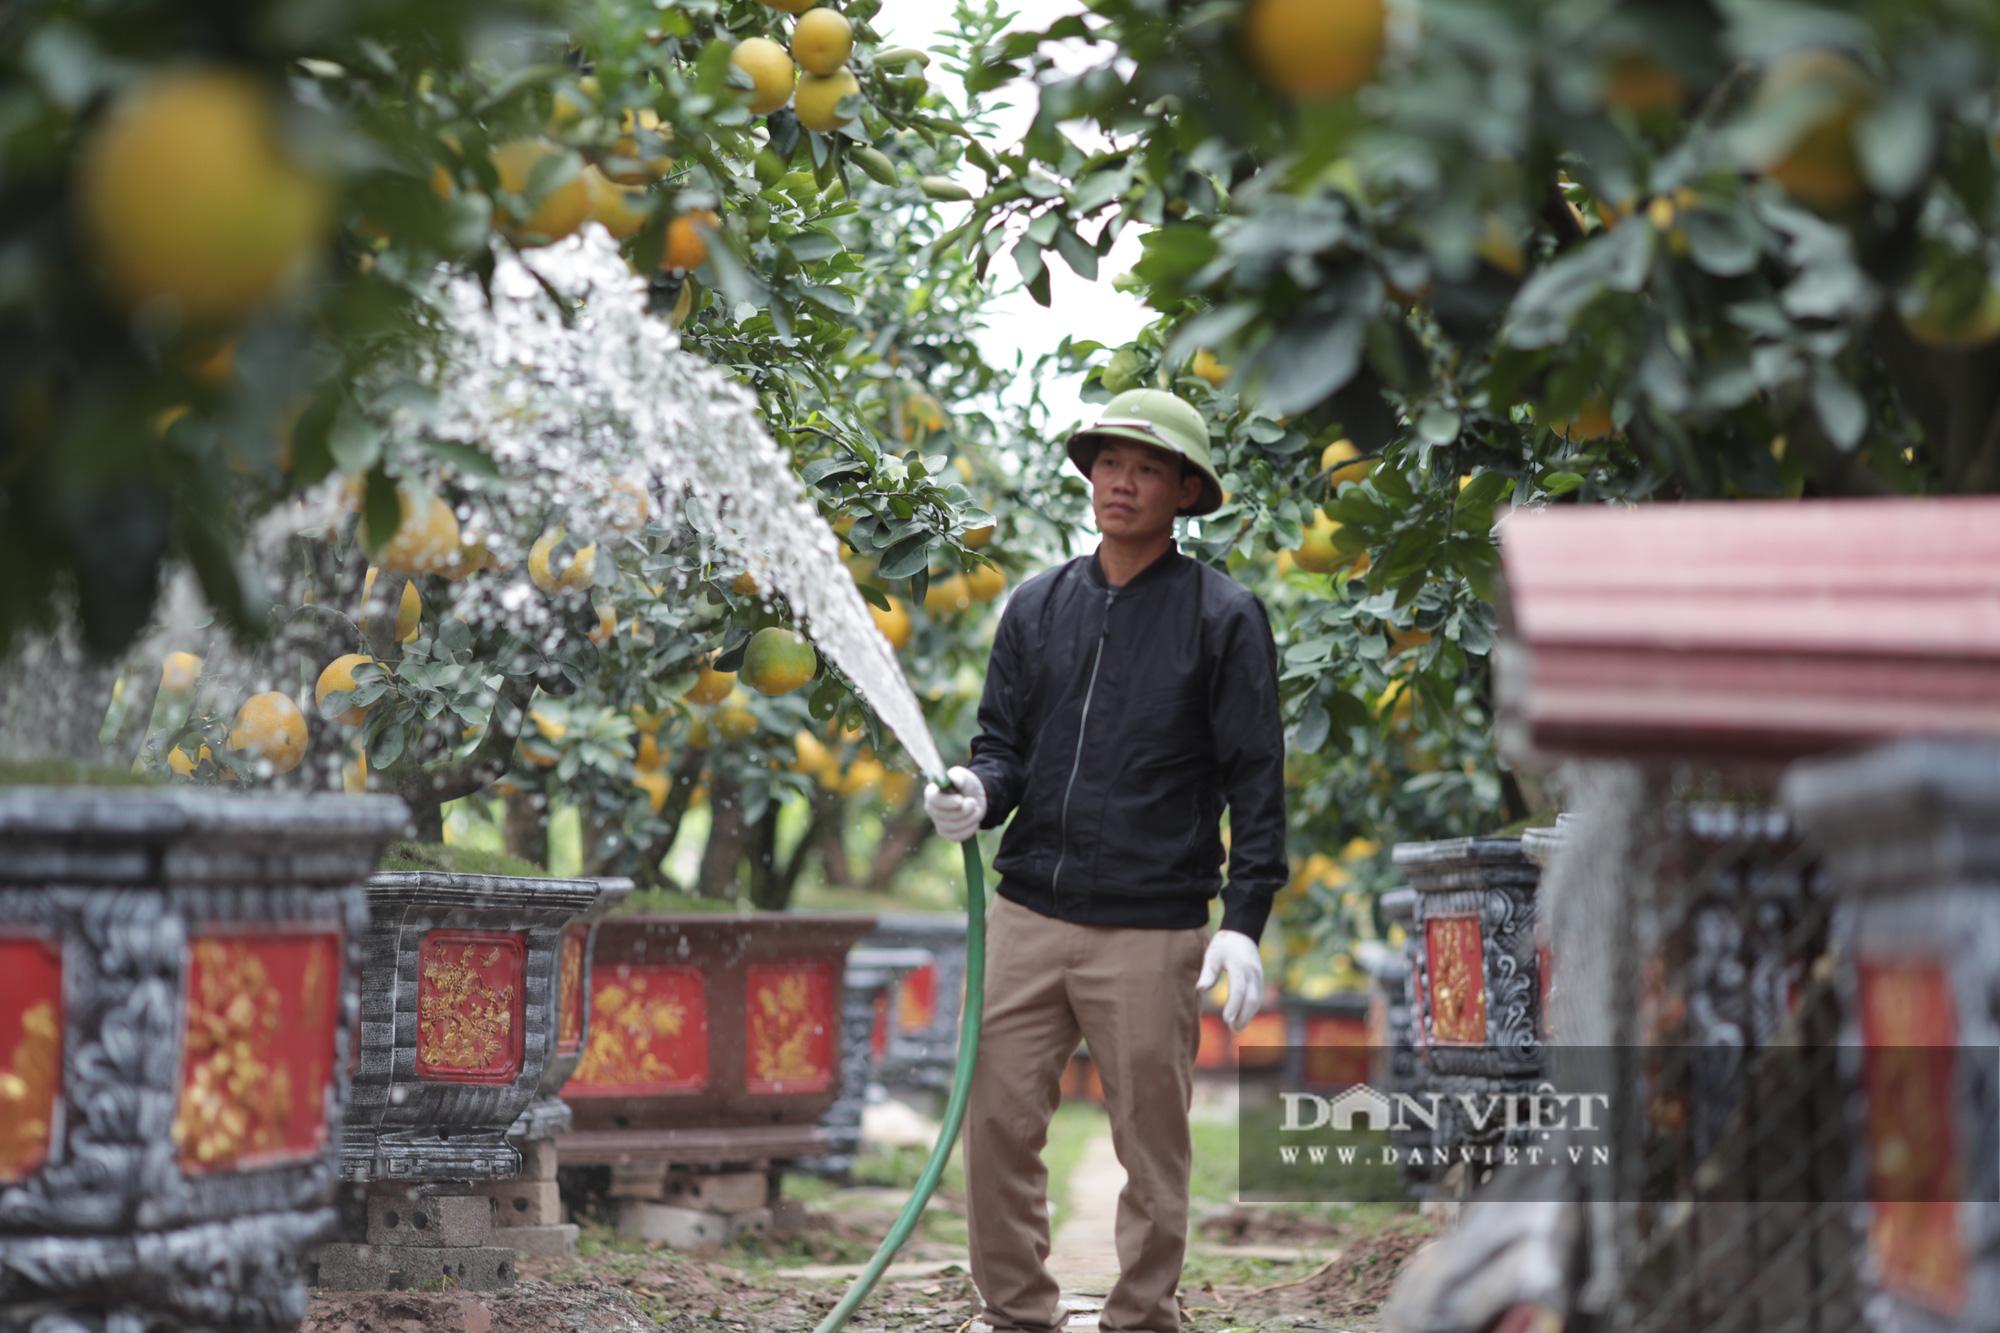 Đeo lúc lỉu hơn 200 quả trên cây: Bưởi cảnh khổng lồ 'hét' giá cho thuê gần 100 triệu đồng - Ảnh 5.